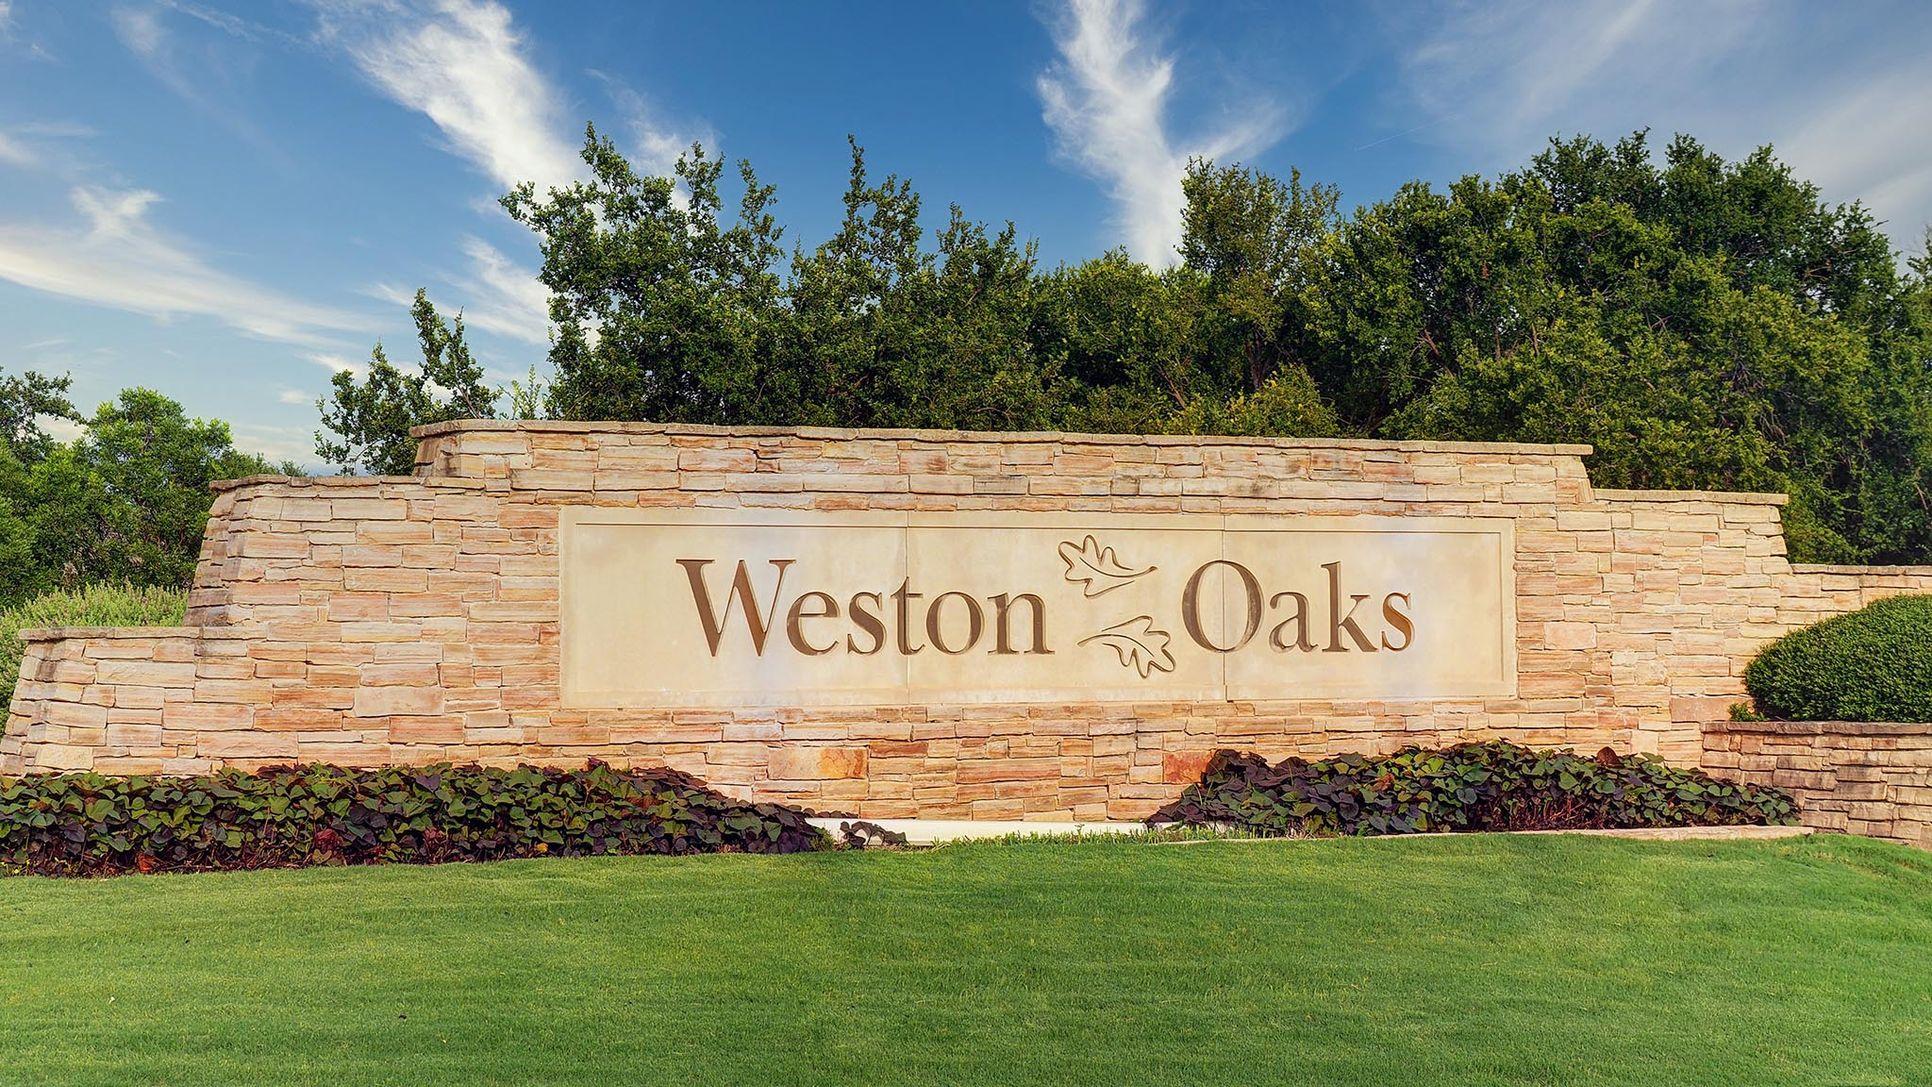 Weston Oaks 55',78245